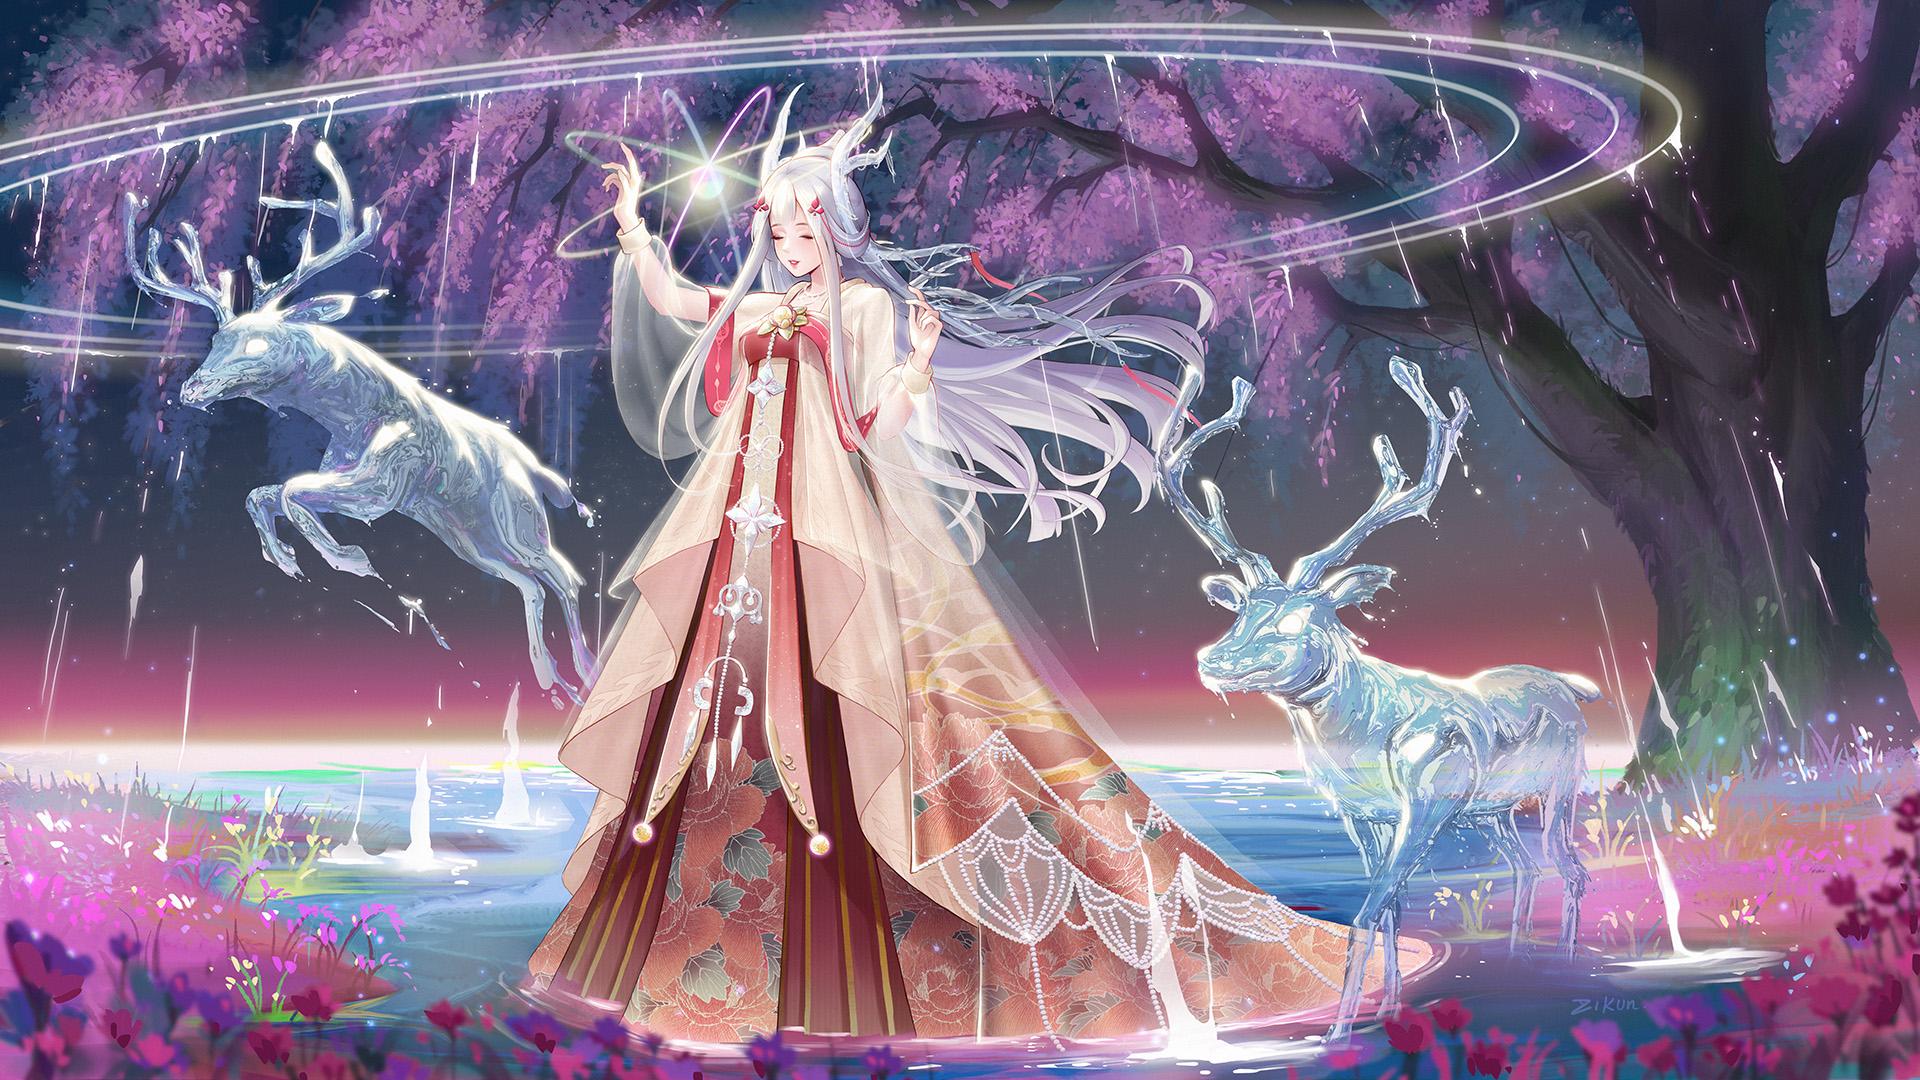 Fantasy Shining Nikki 1920x1080